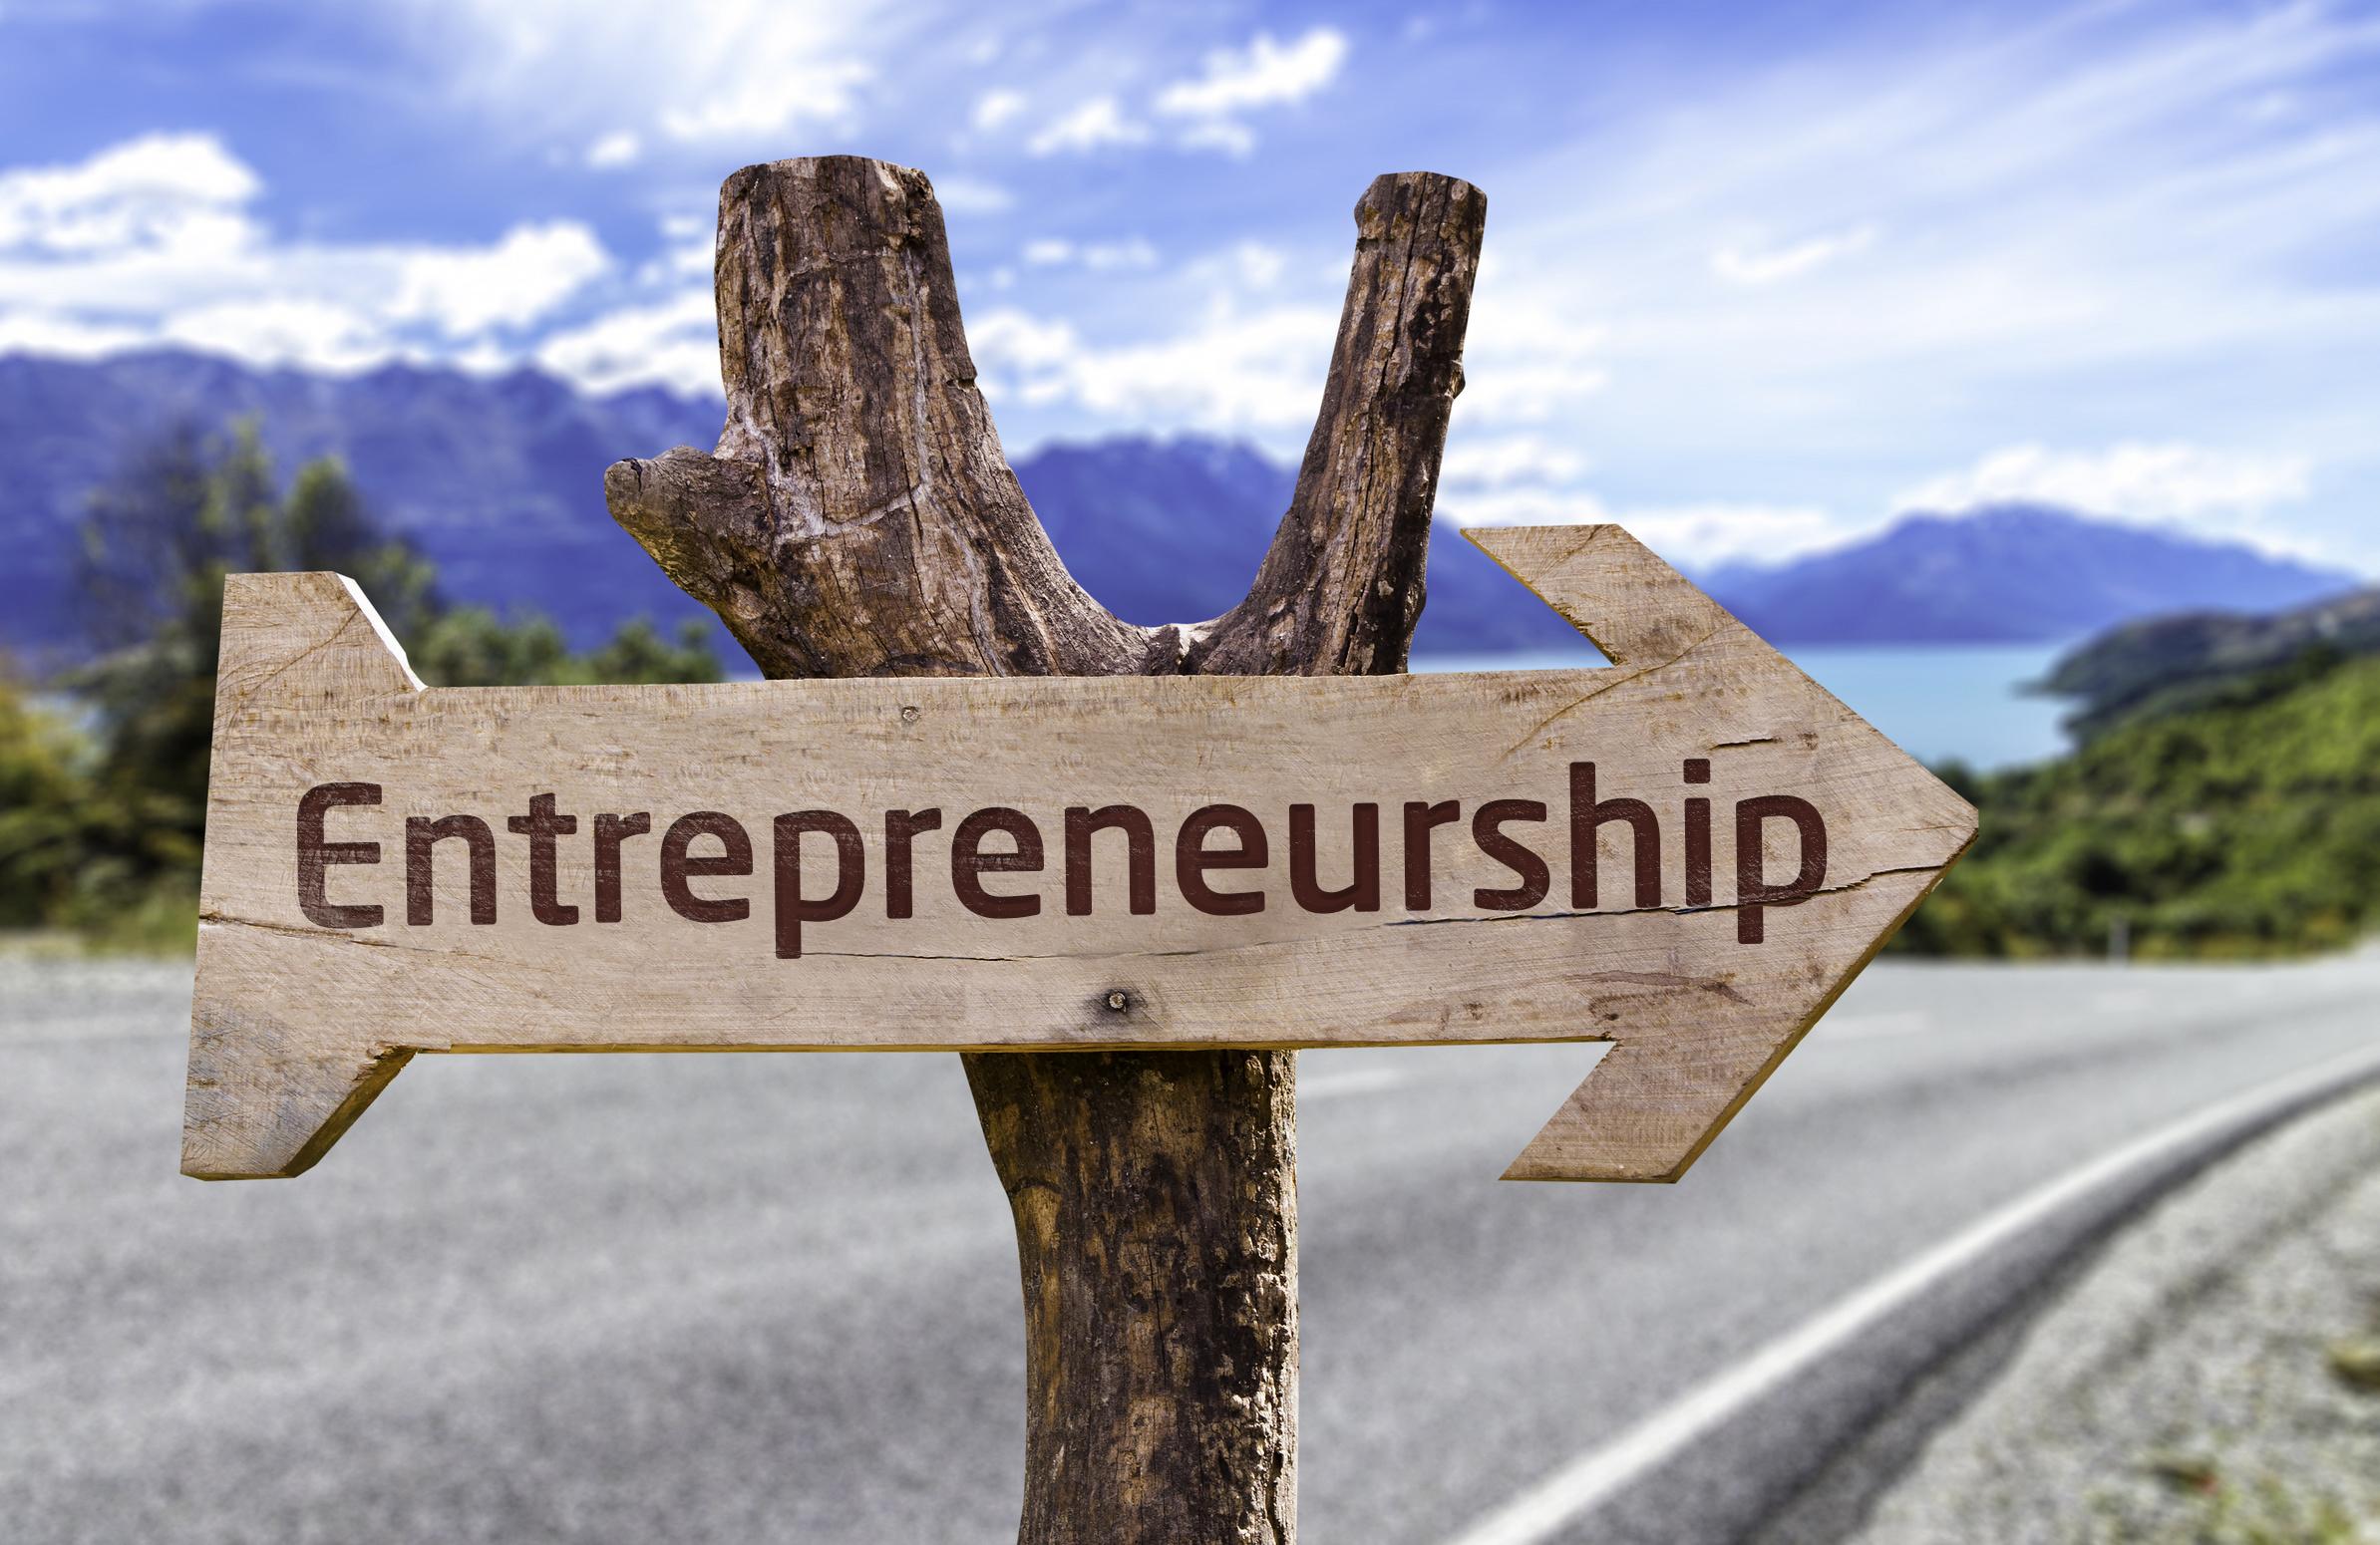 Unternehmensgründung im IT-Bereich - Wie gründe ich erfolgreich ein IT-Startup? course image